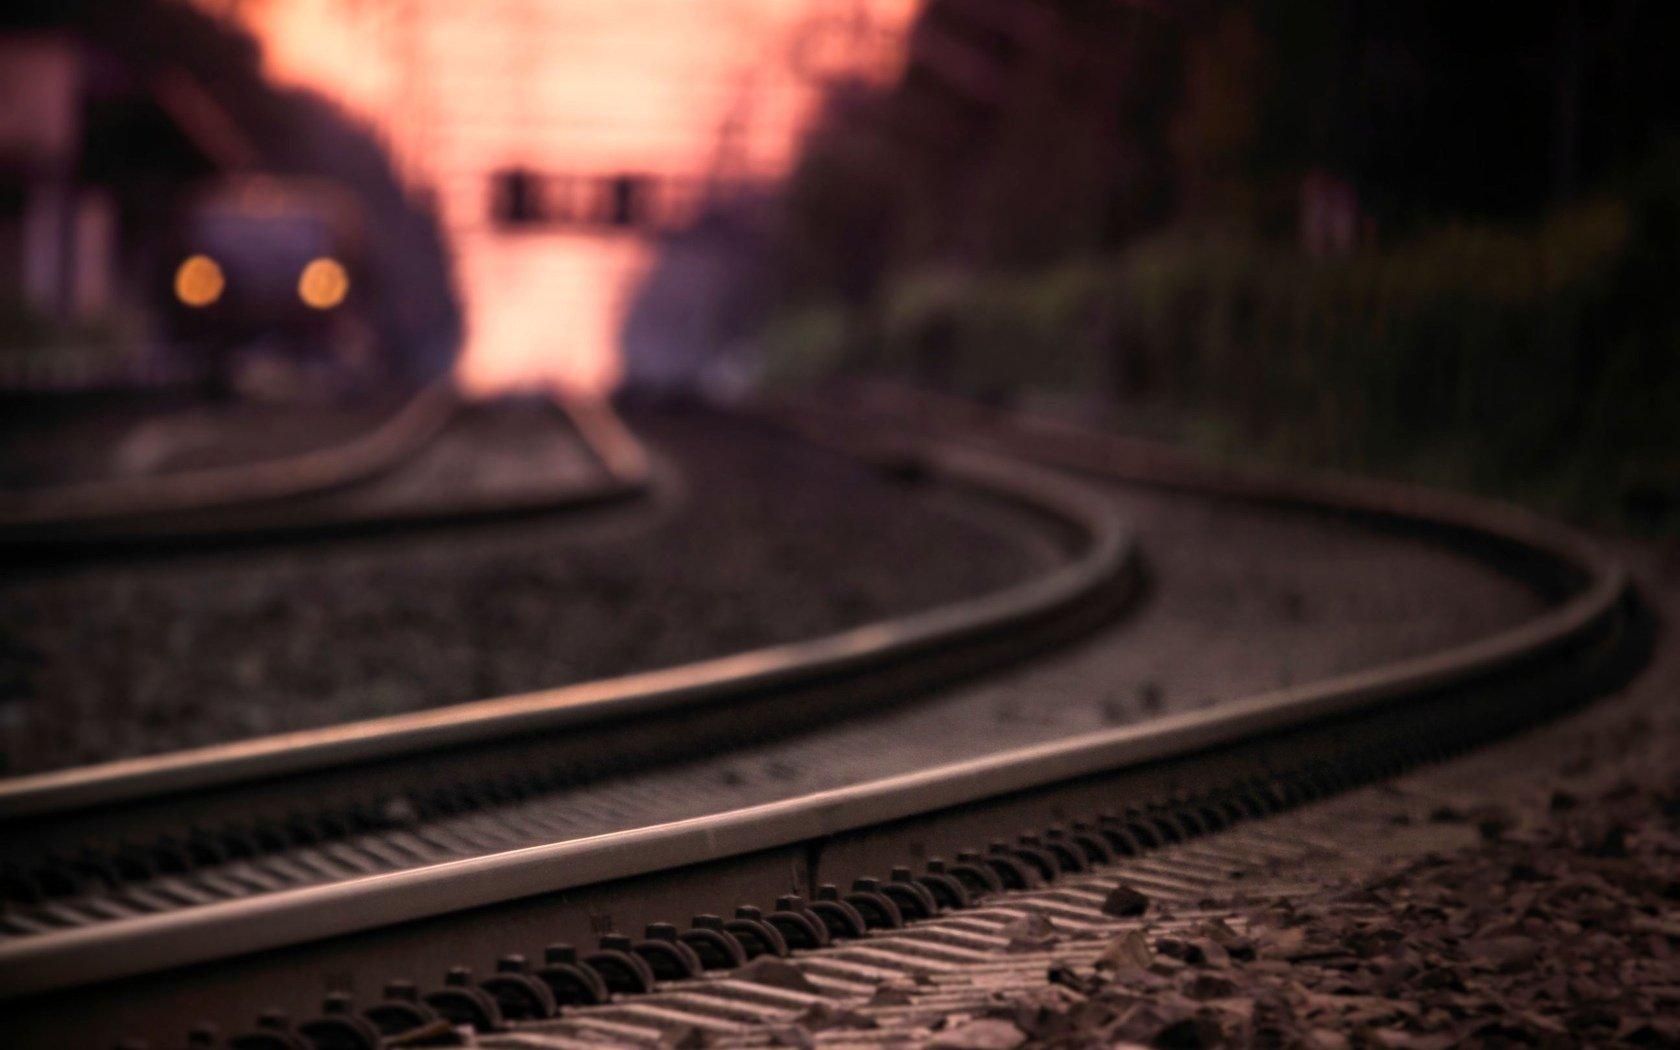 ВХабаровском крае поезд насмерть сбил 16-летнего подростка